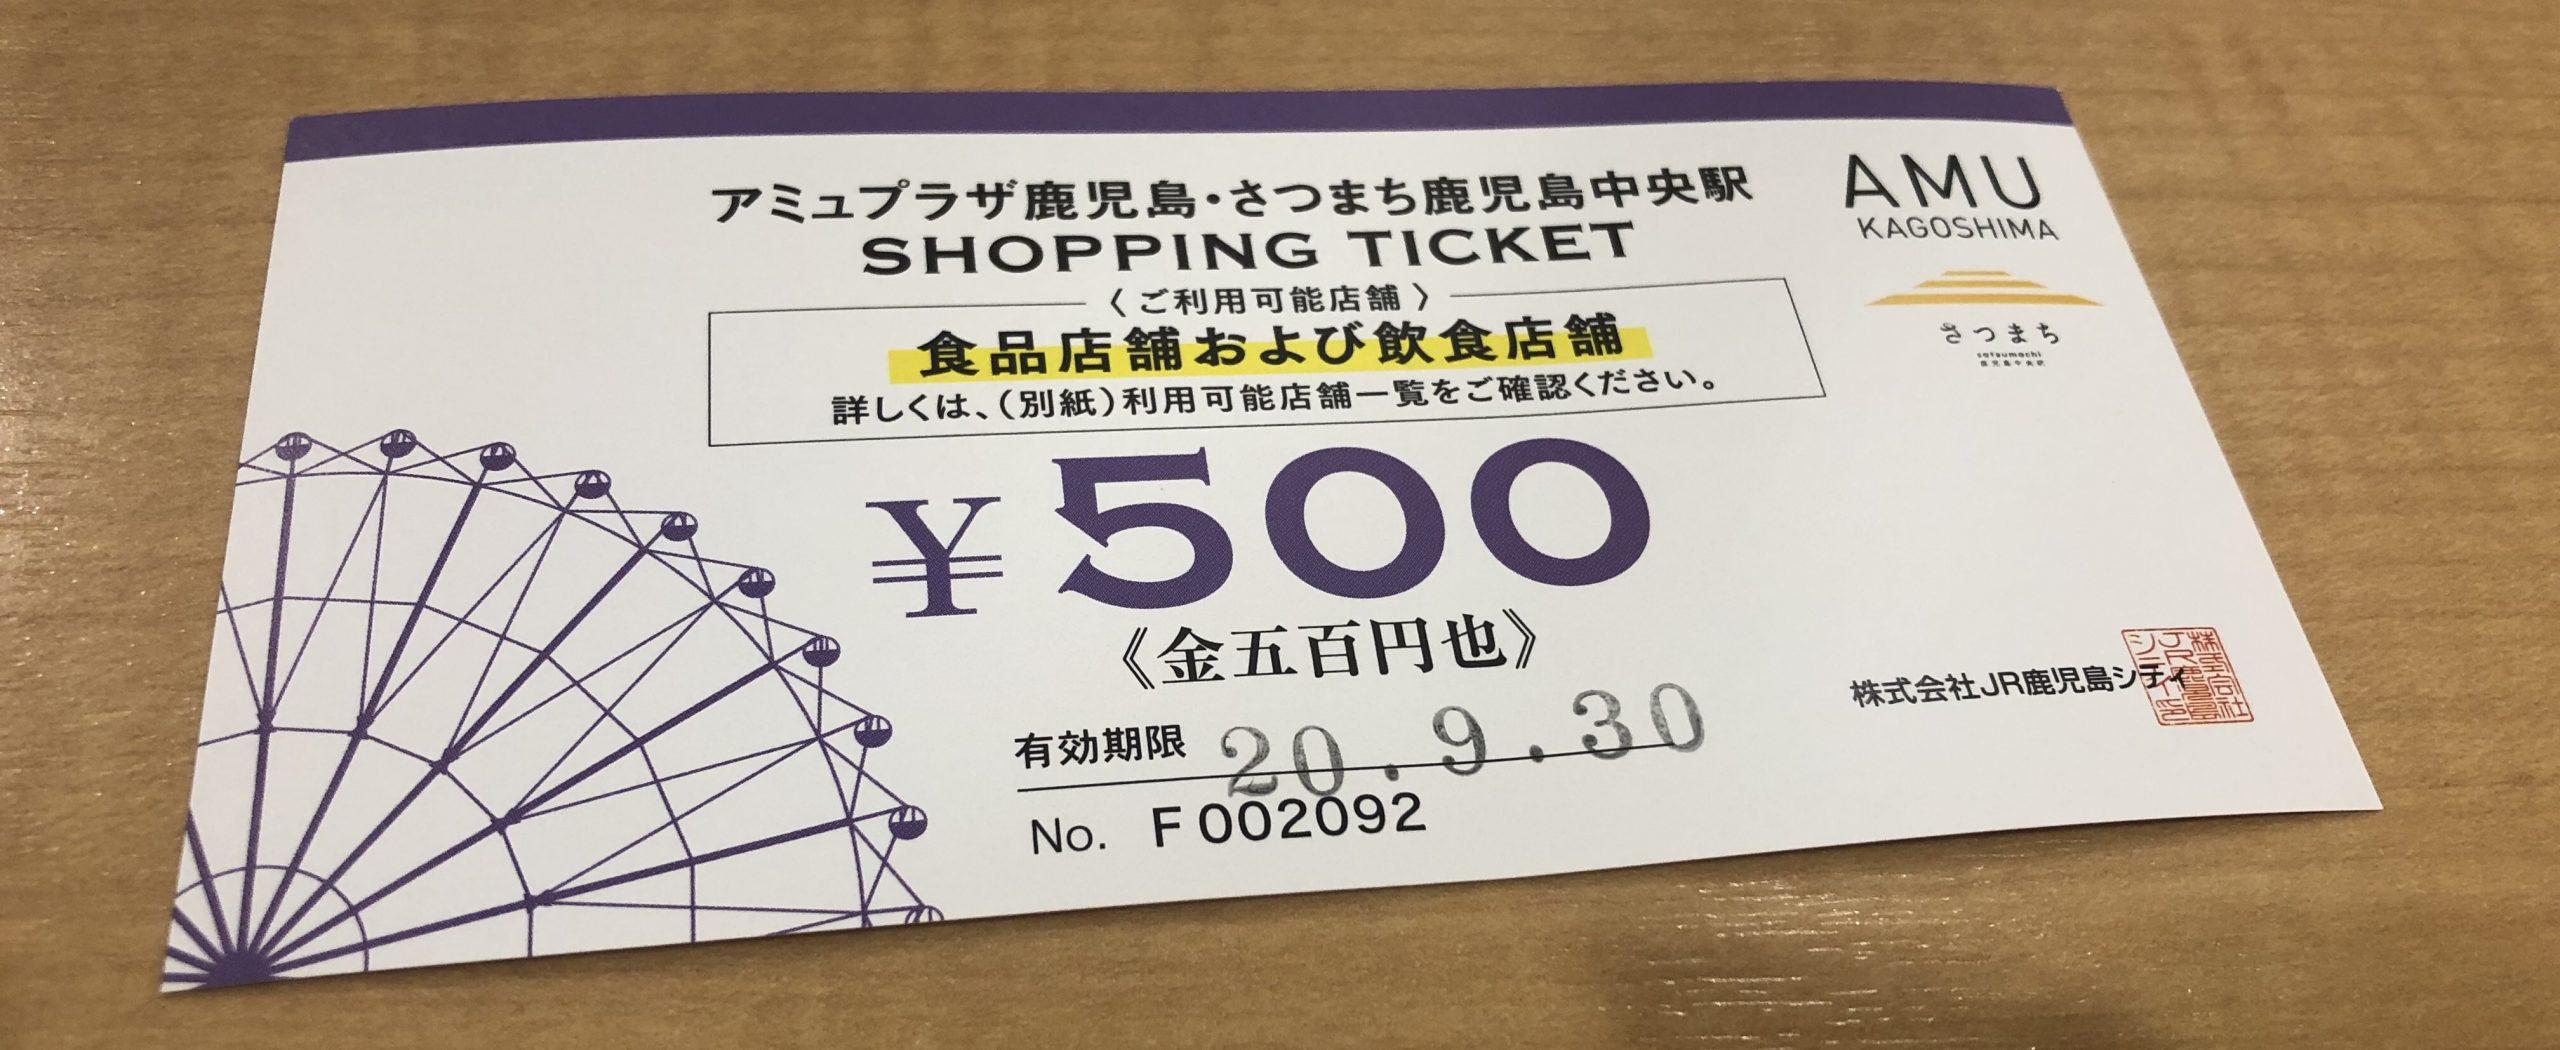 アミュプラザ鹿児島・500円チケット